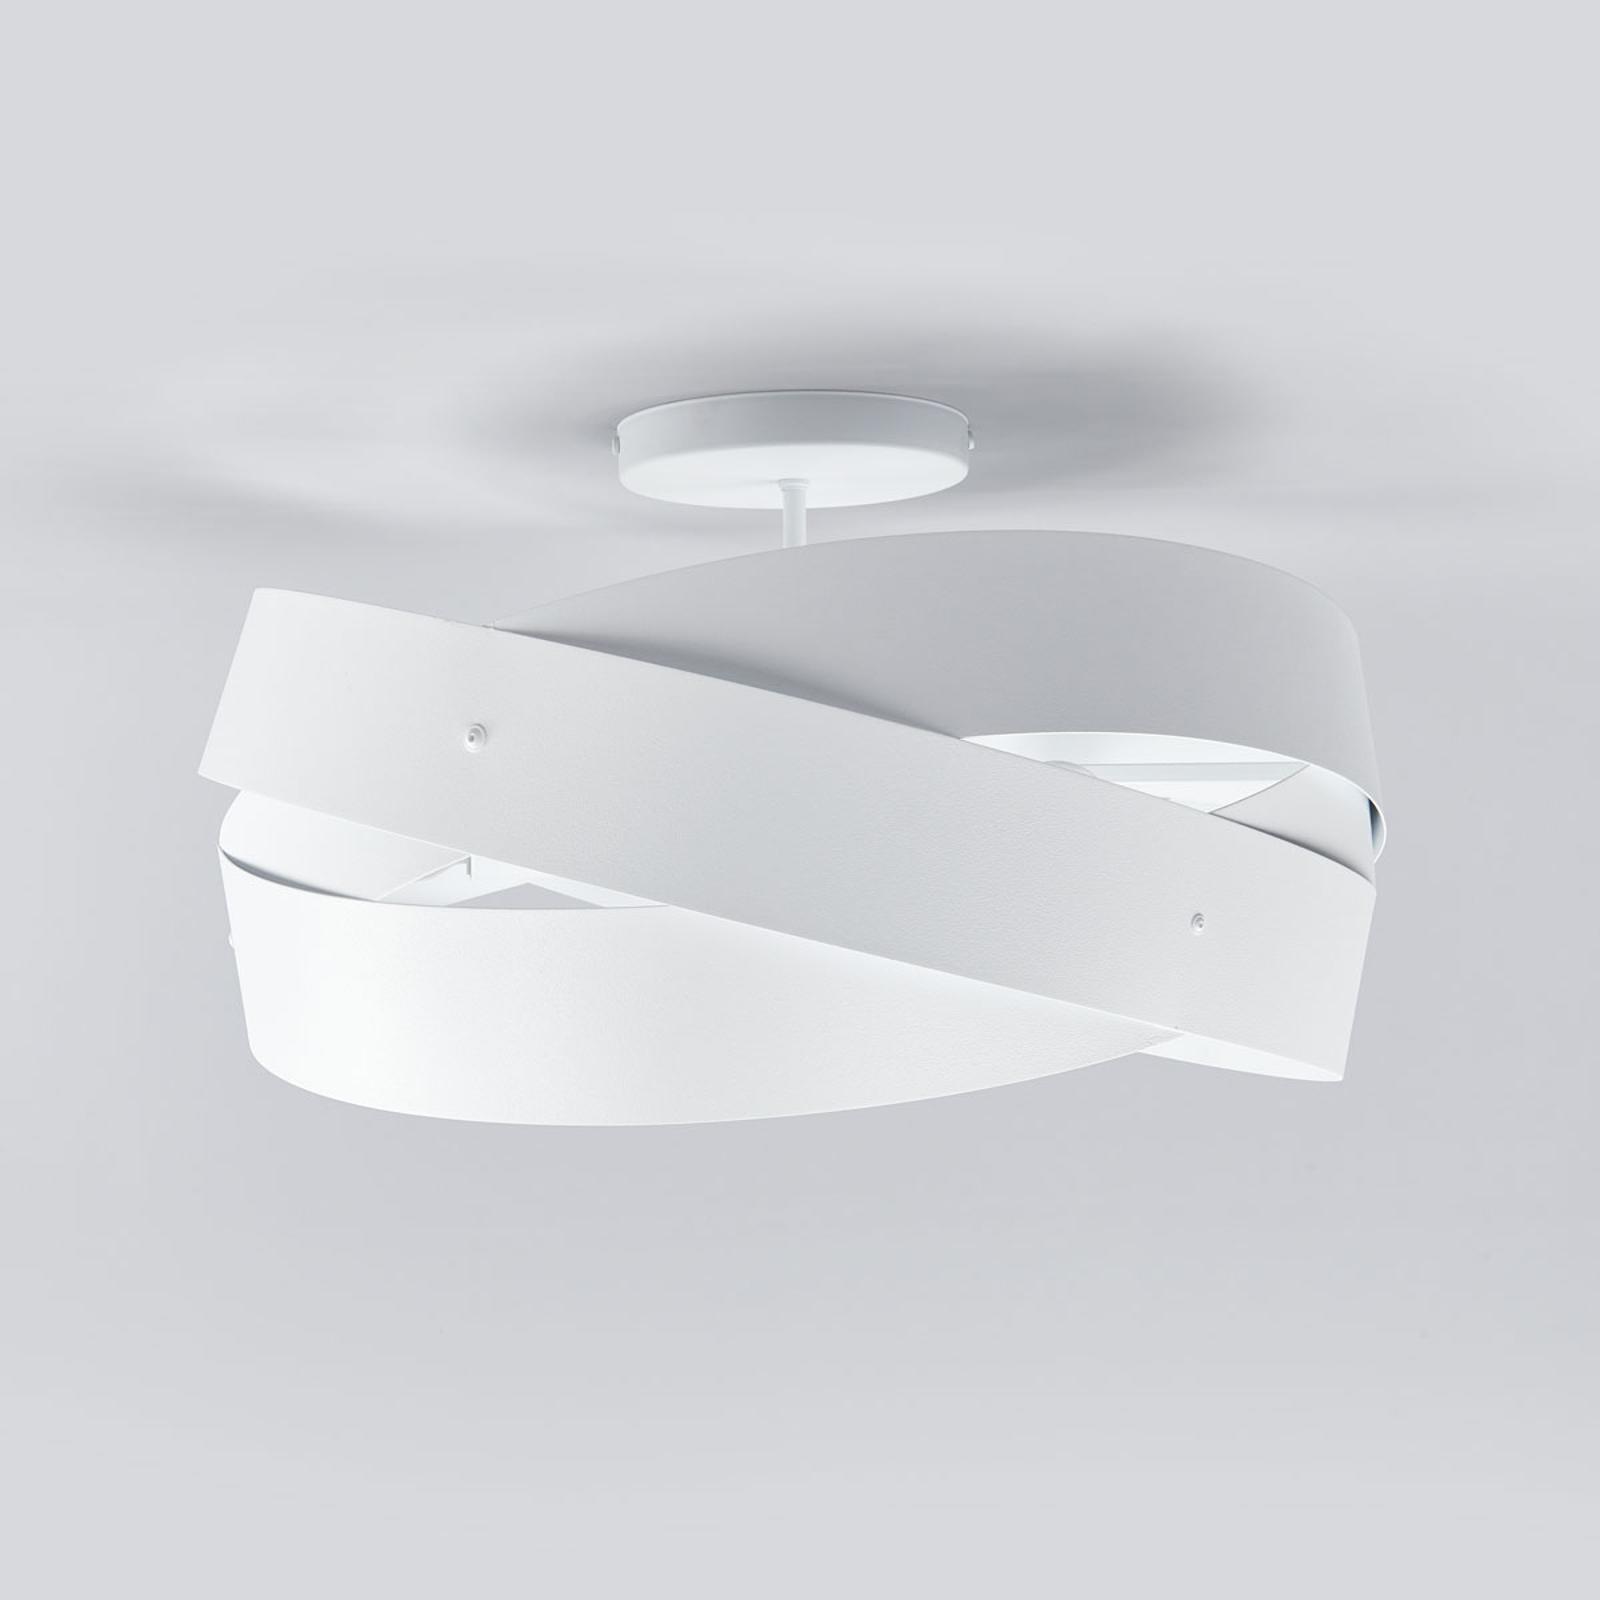 Tornado - kaunismuotoinen kattolamppu valkoisena